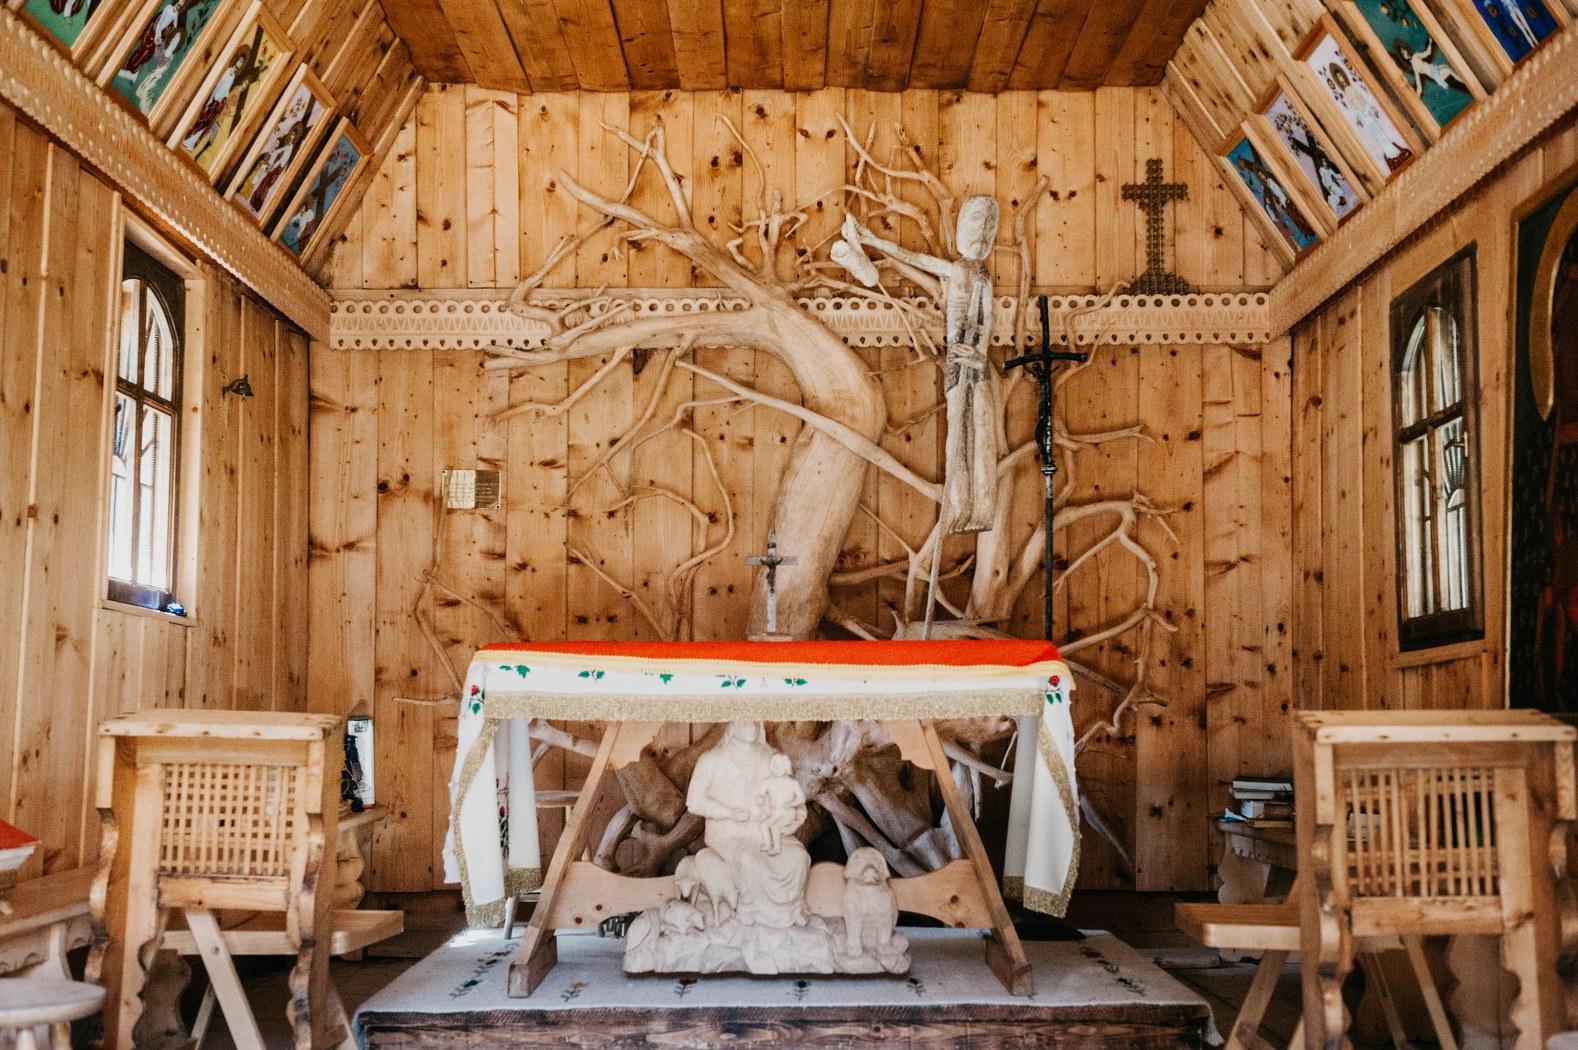 Поляна Хохоловская – пастушьи срубы (Бацовка)– горная часовня (интерьер)